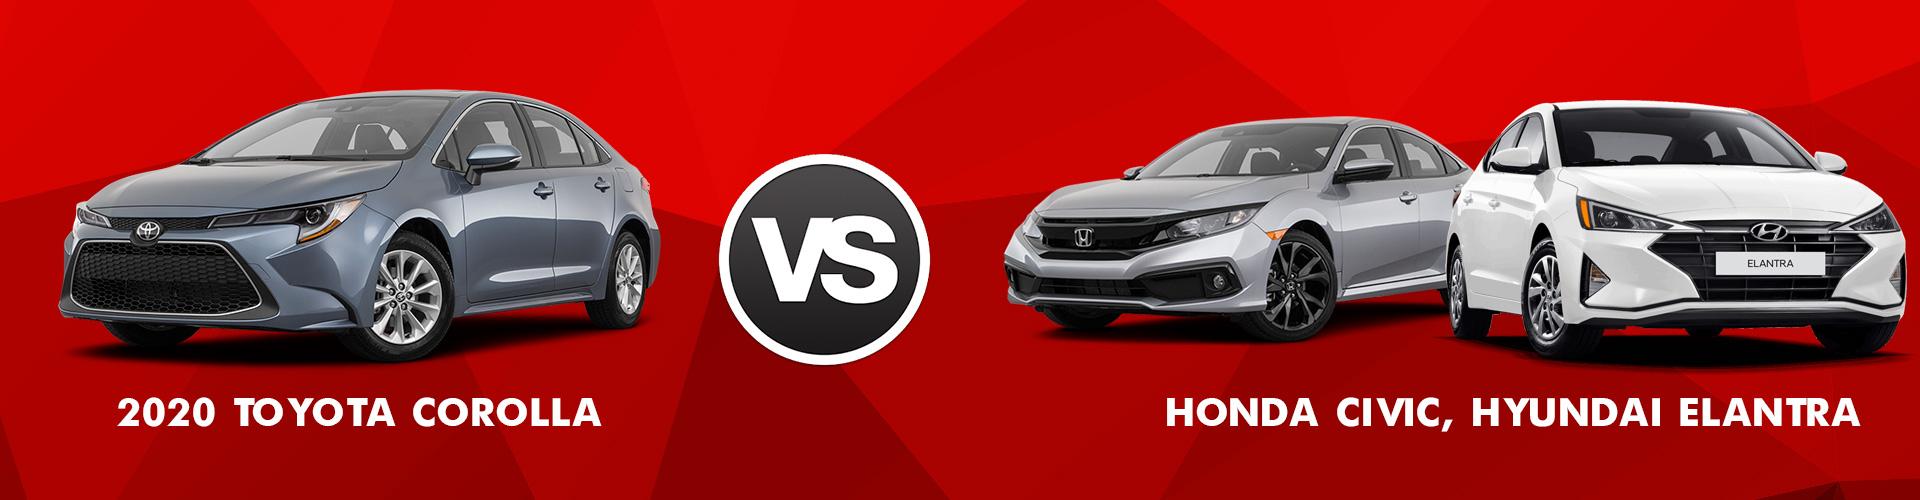 Compare Toyota Corolla